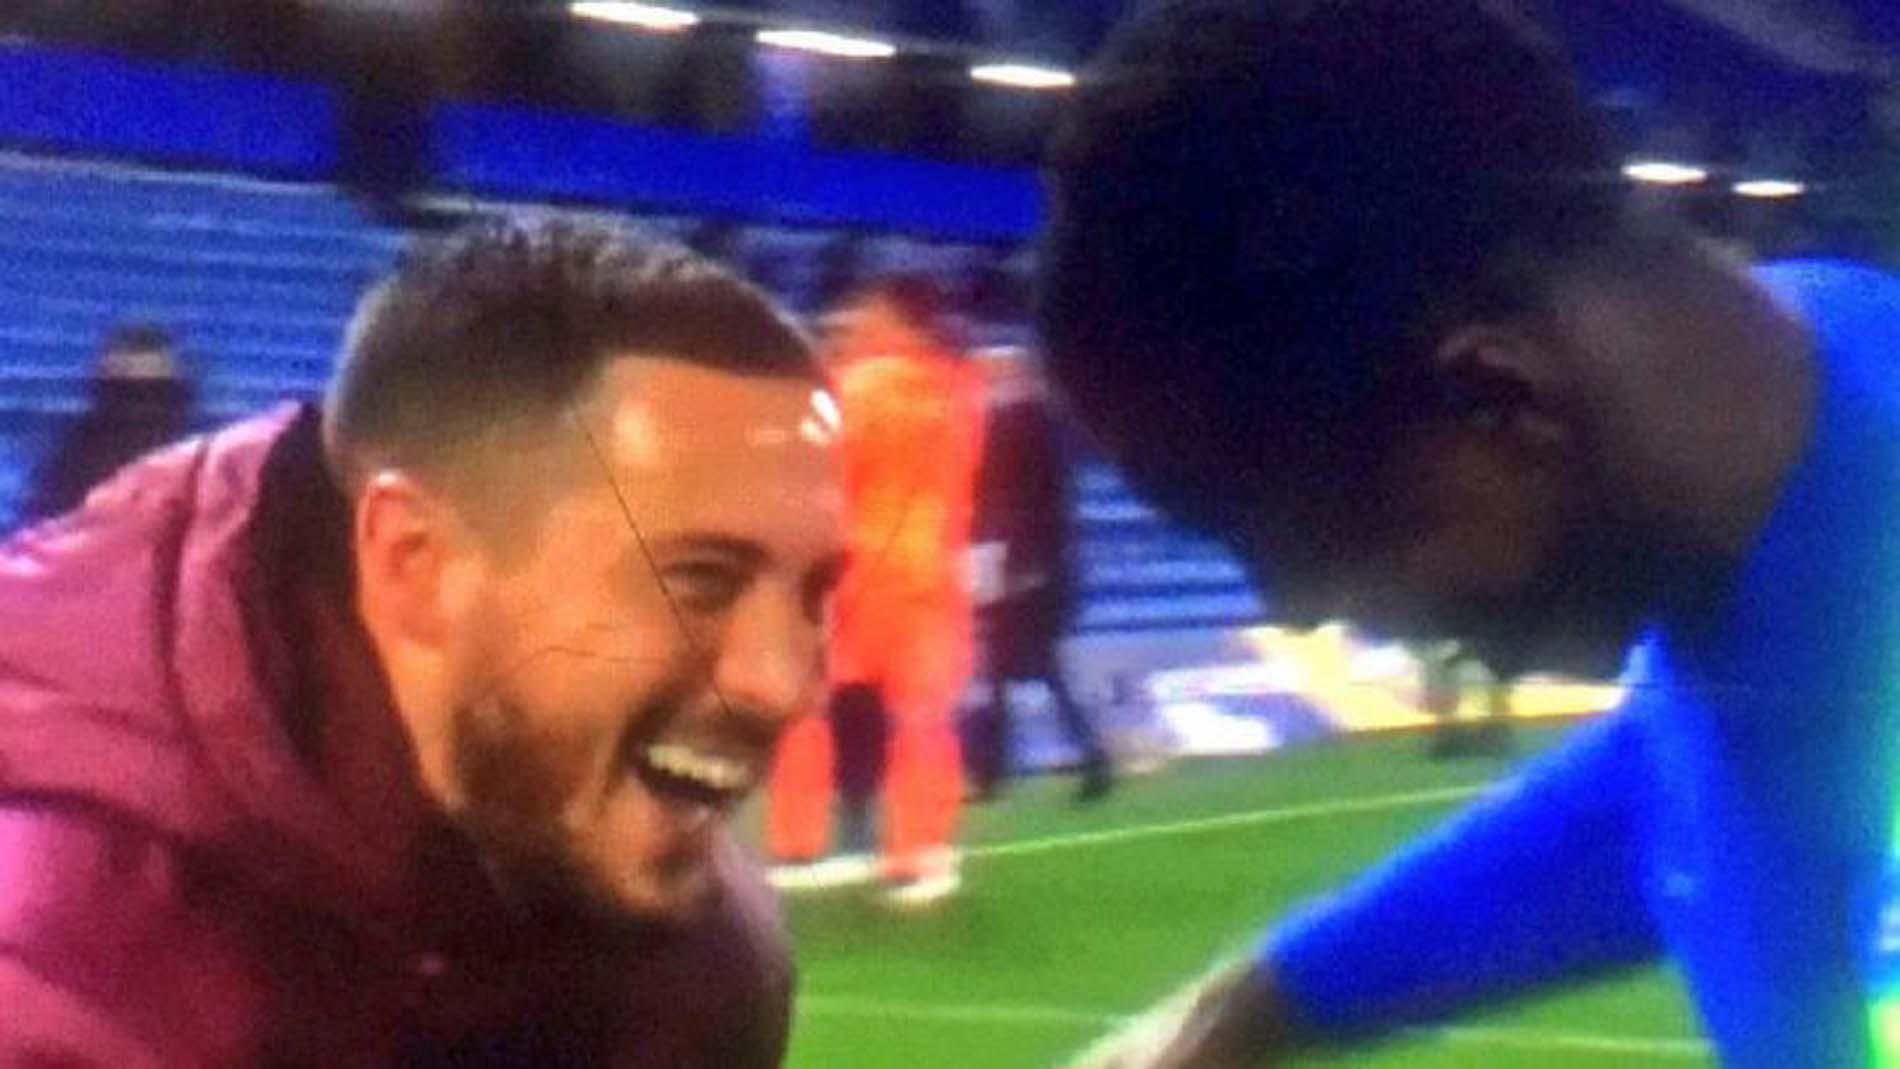 Real Madrid'de Hazard gerilimi! Gülüştüğü anlar taraftarları çileden çıkardı